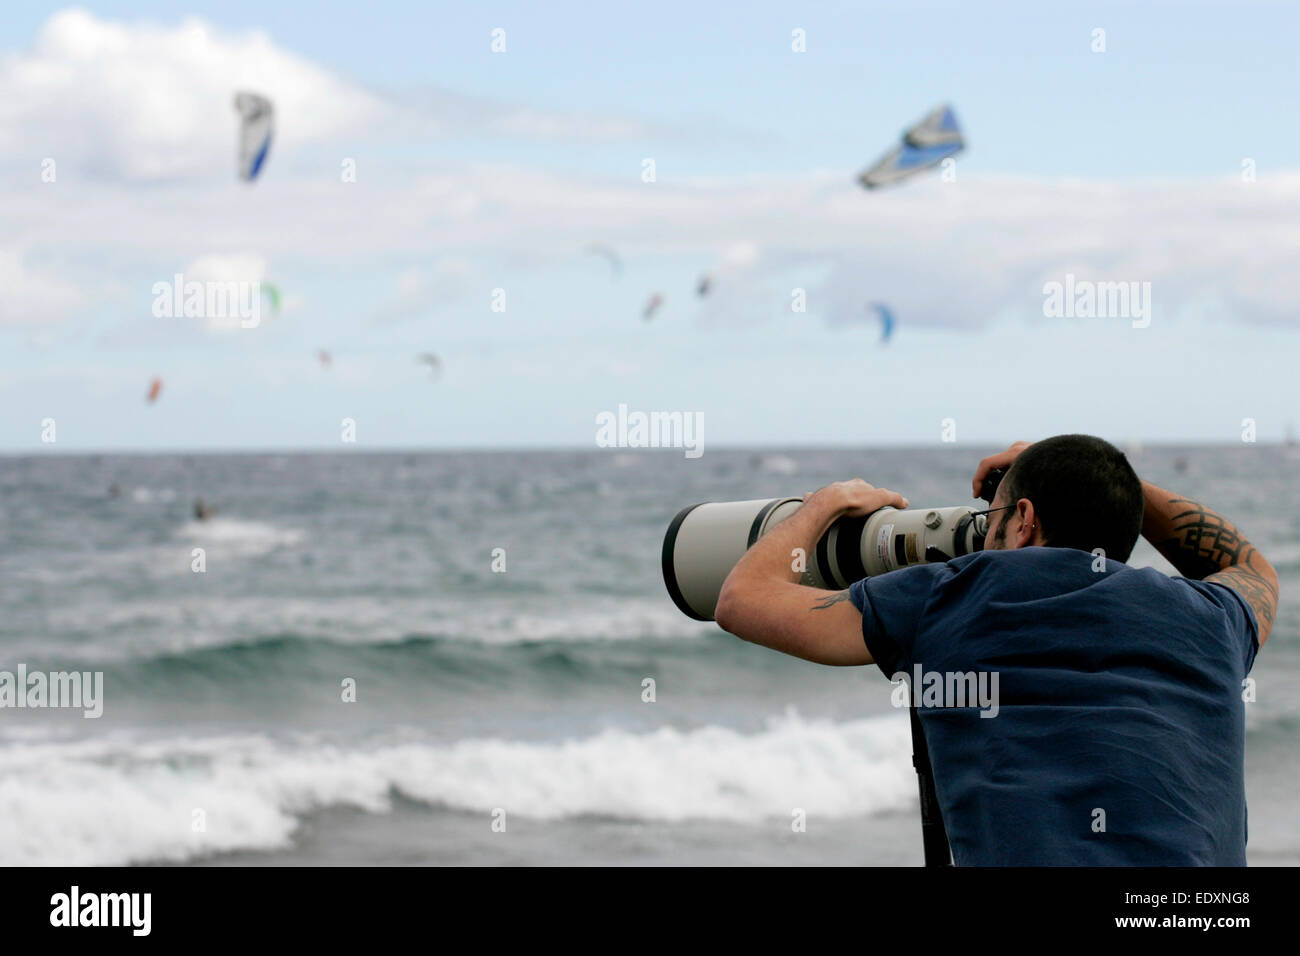 Il fotografo che indossano occhiali utilizza un lungo teleobiettivo Canon lente ad un evento sportivo Immagini Stock